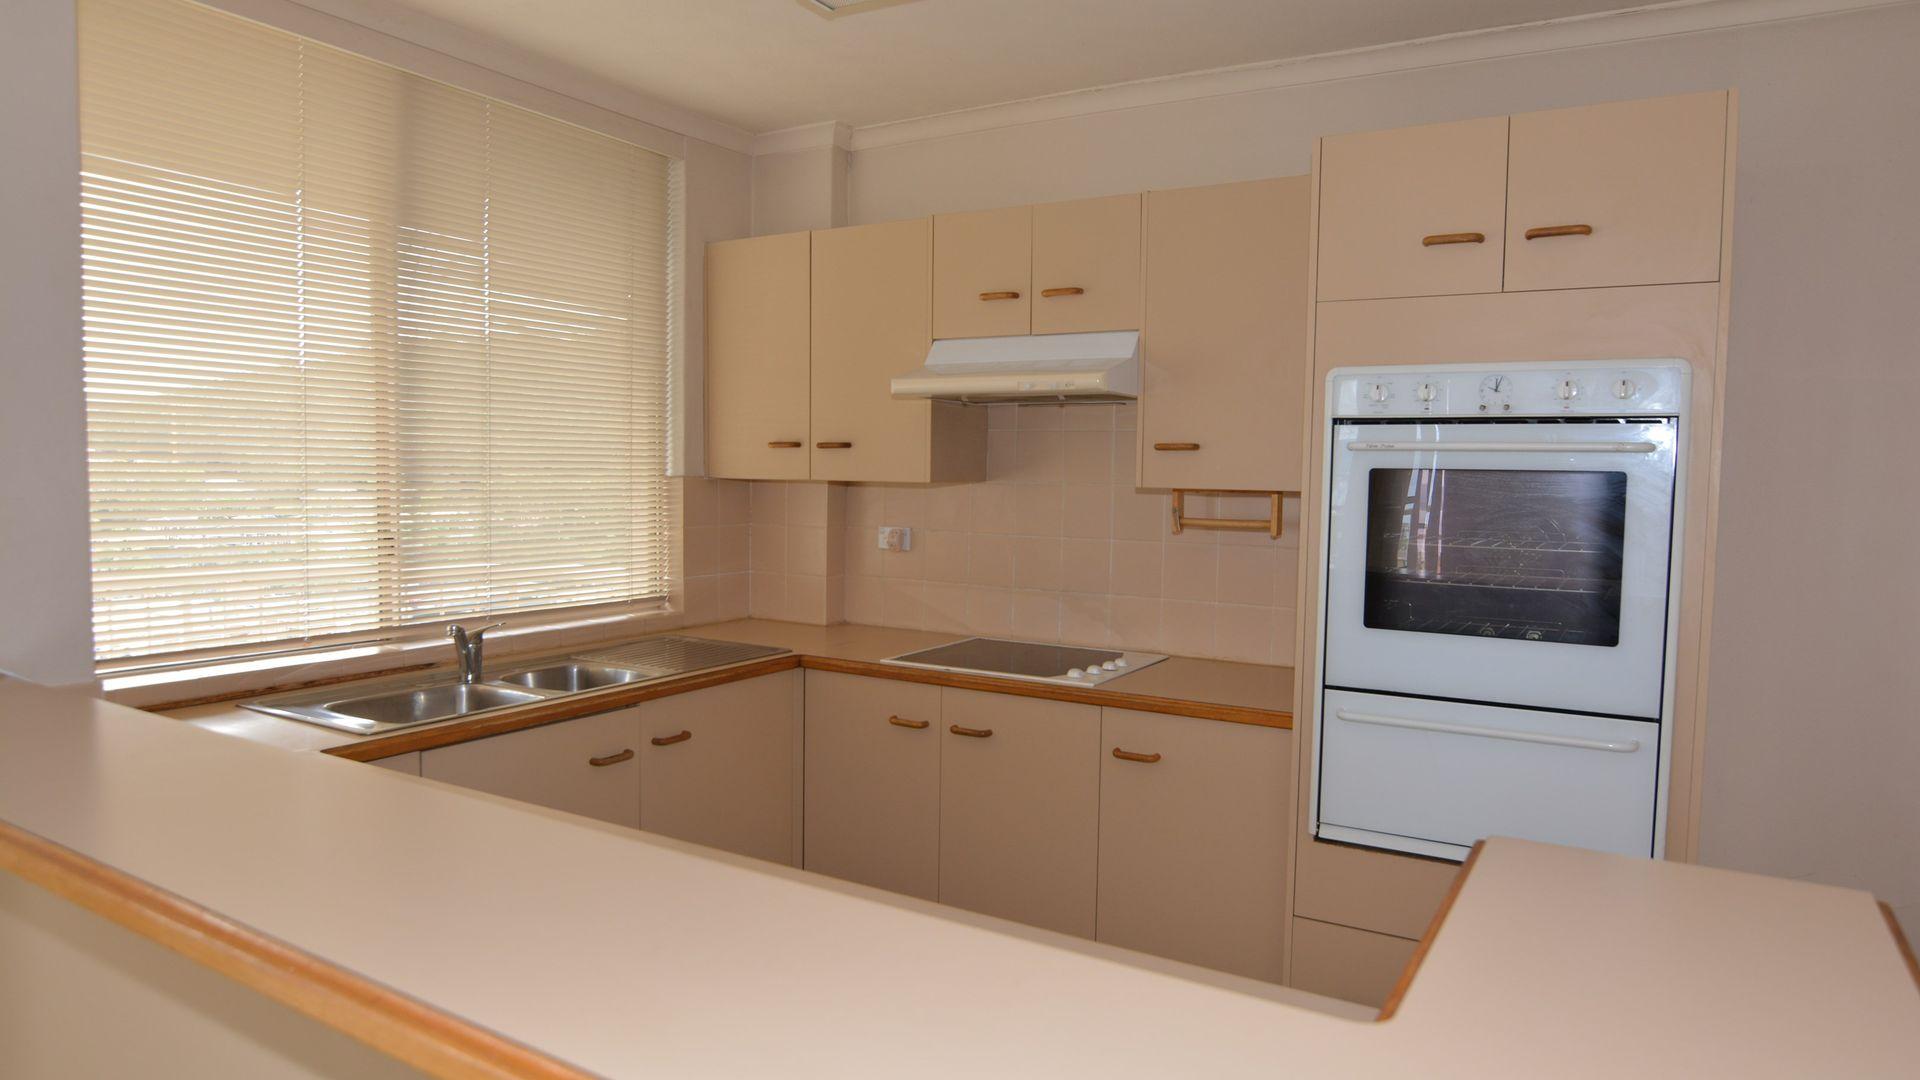 37/127 Georgiana Terrace, Gosford NSW 2250, Image 1